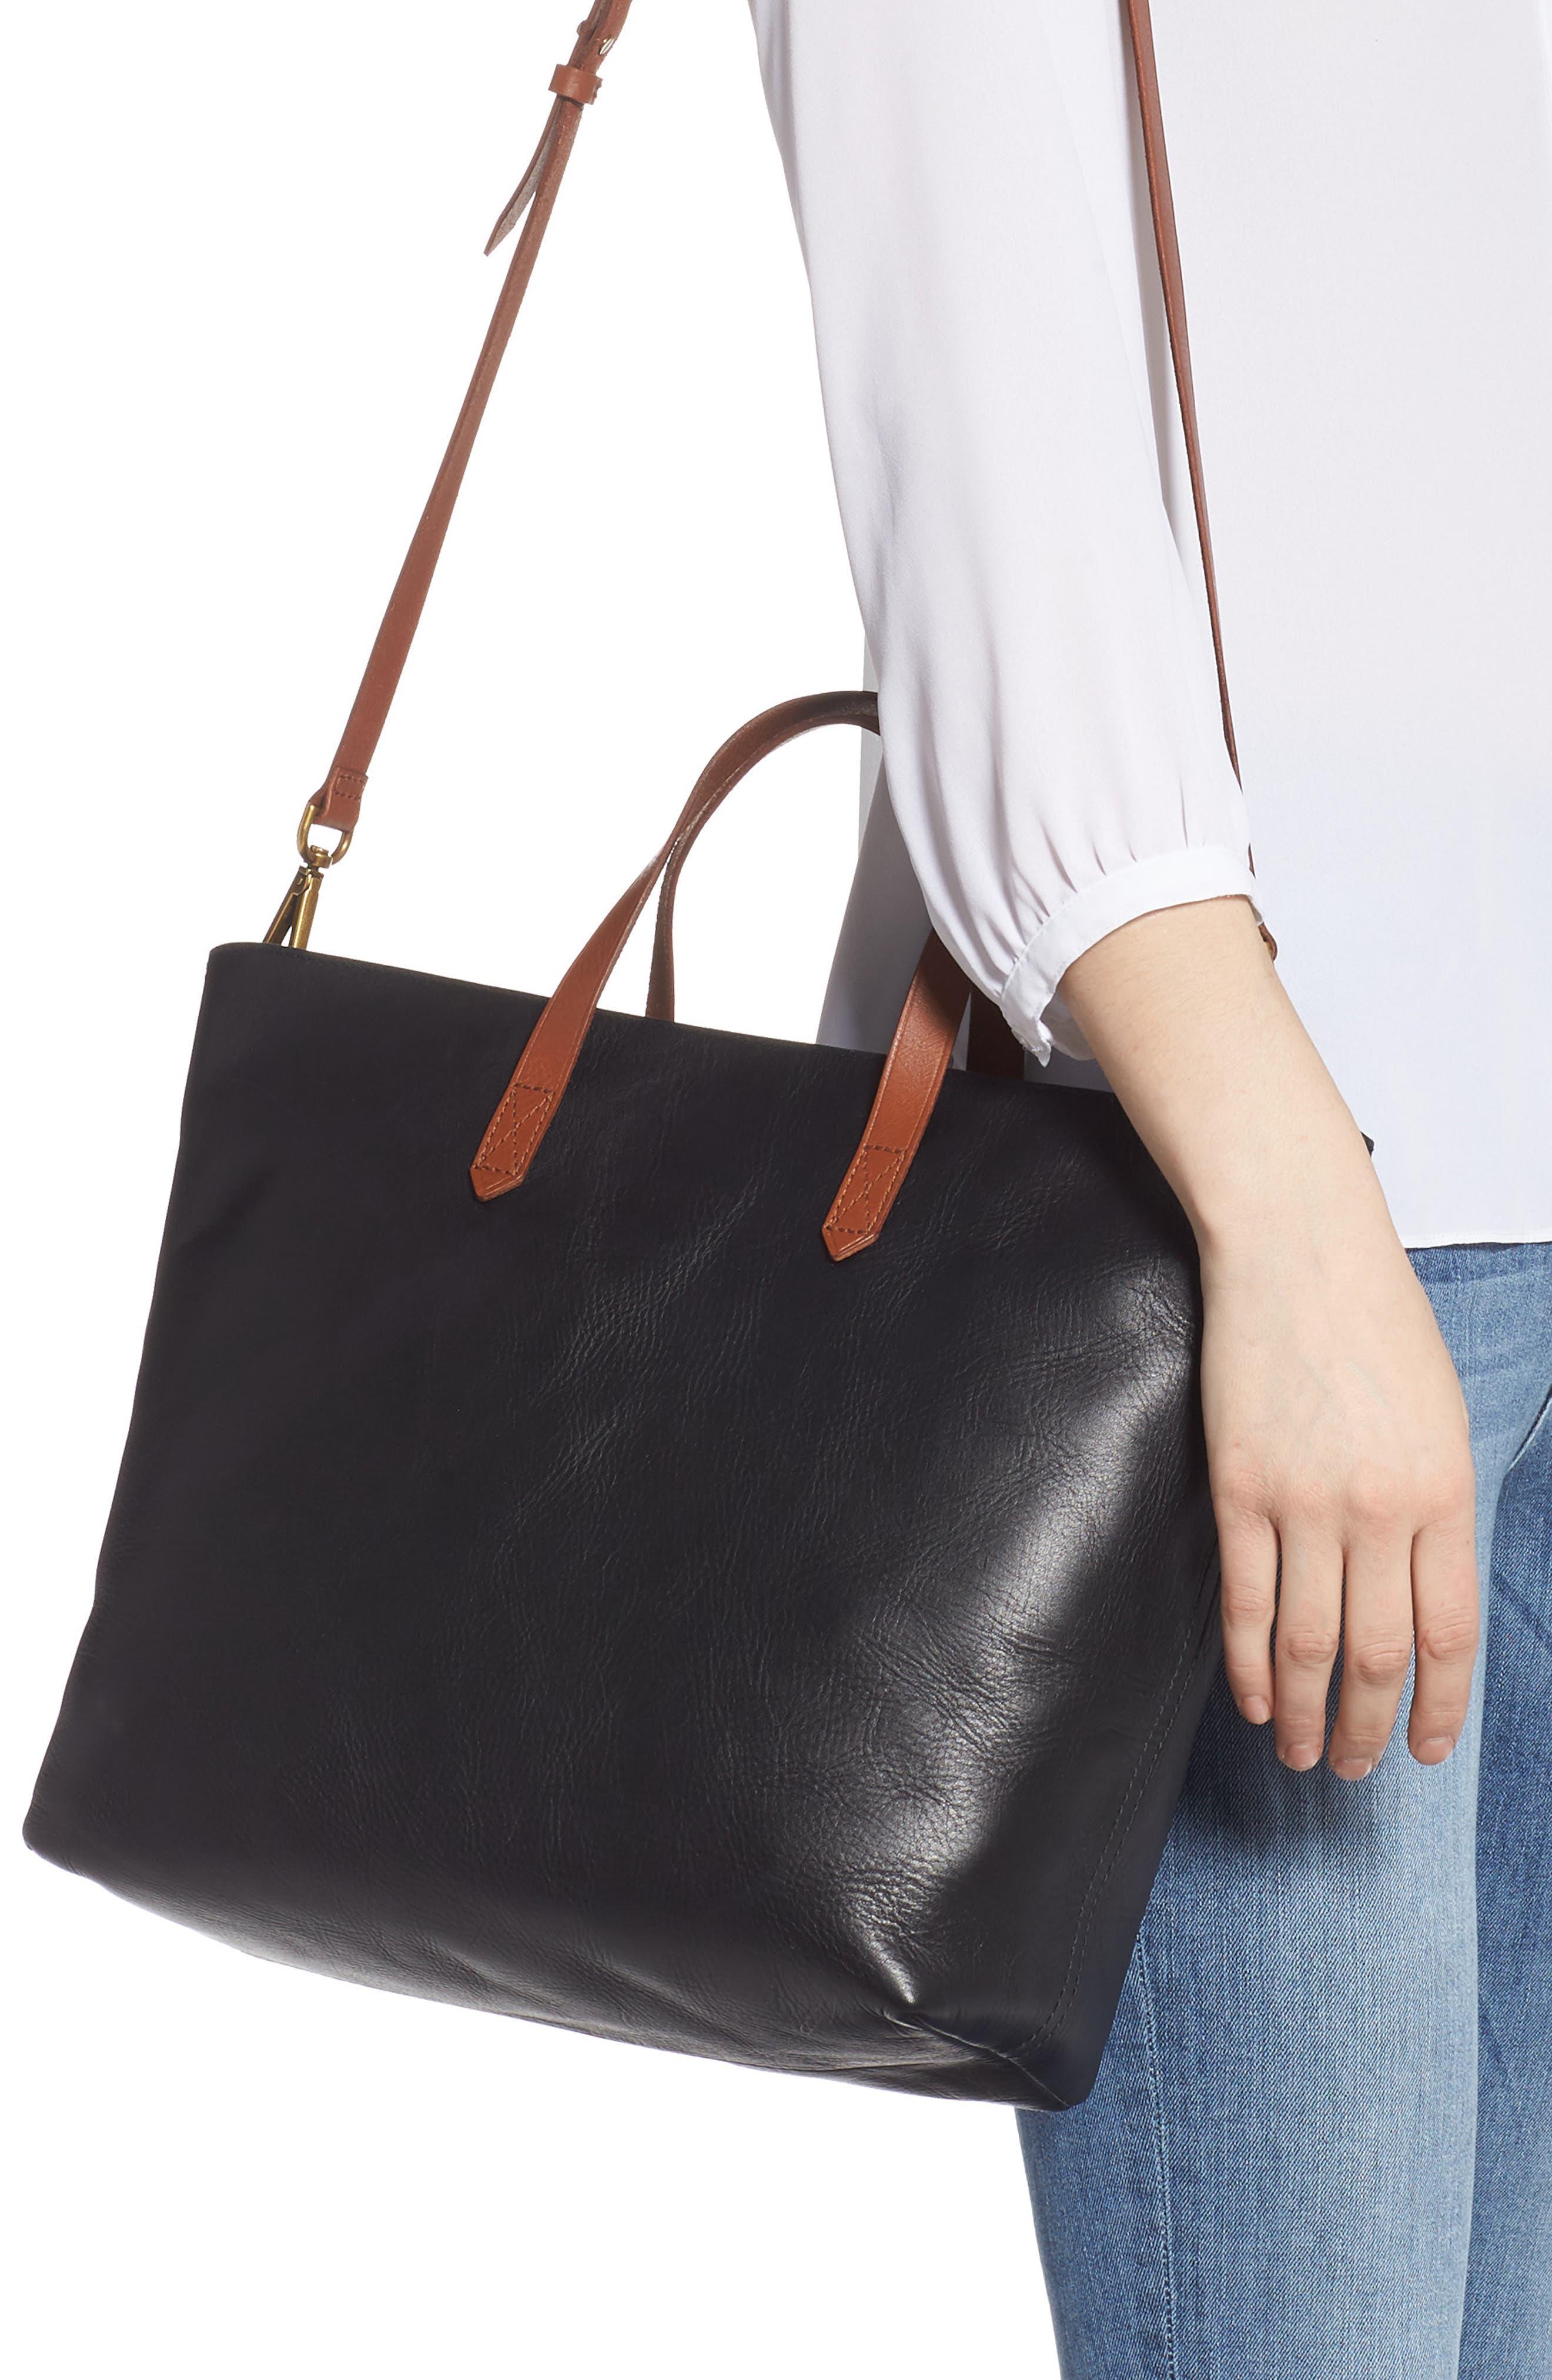 2a42aabfb828 Madewell Handbags   Purses